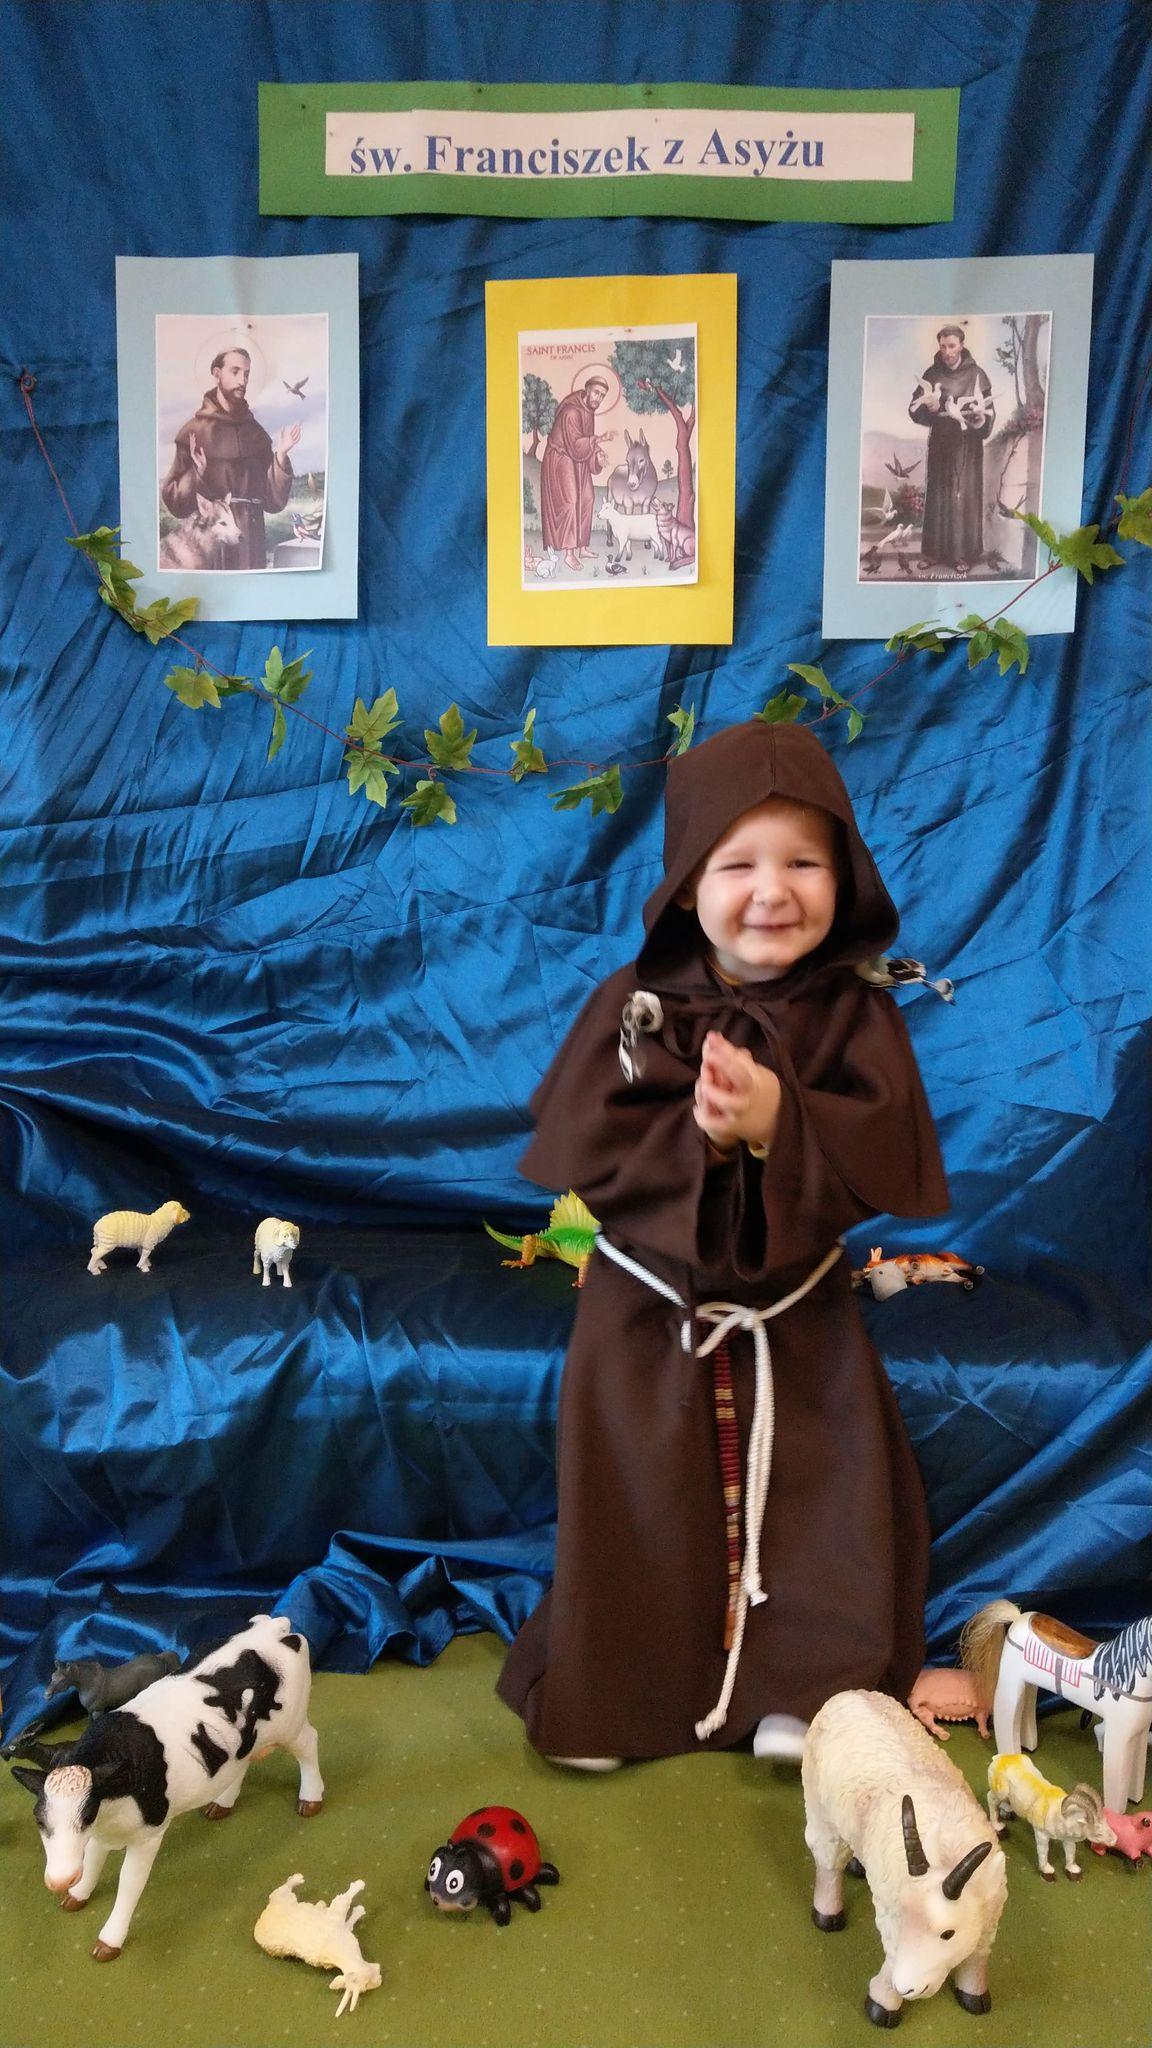 Wspomnienie św. Stanisława Kostki, św. Franciszka z Asyżu, Bal Aniołów